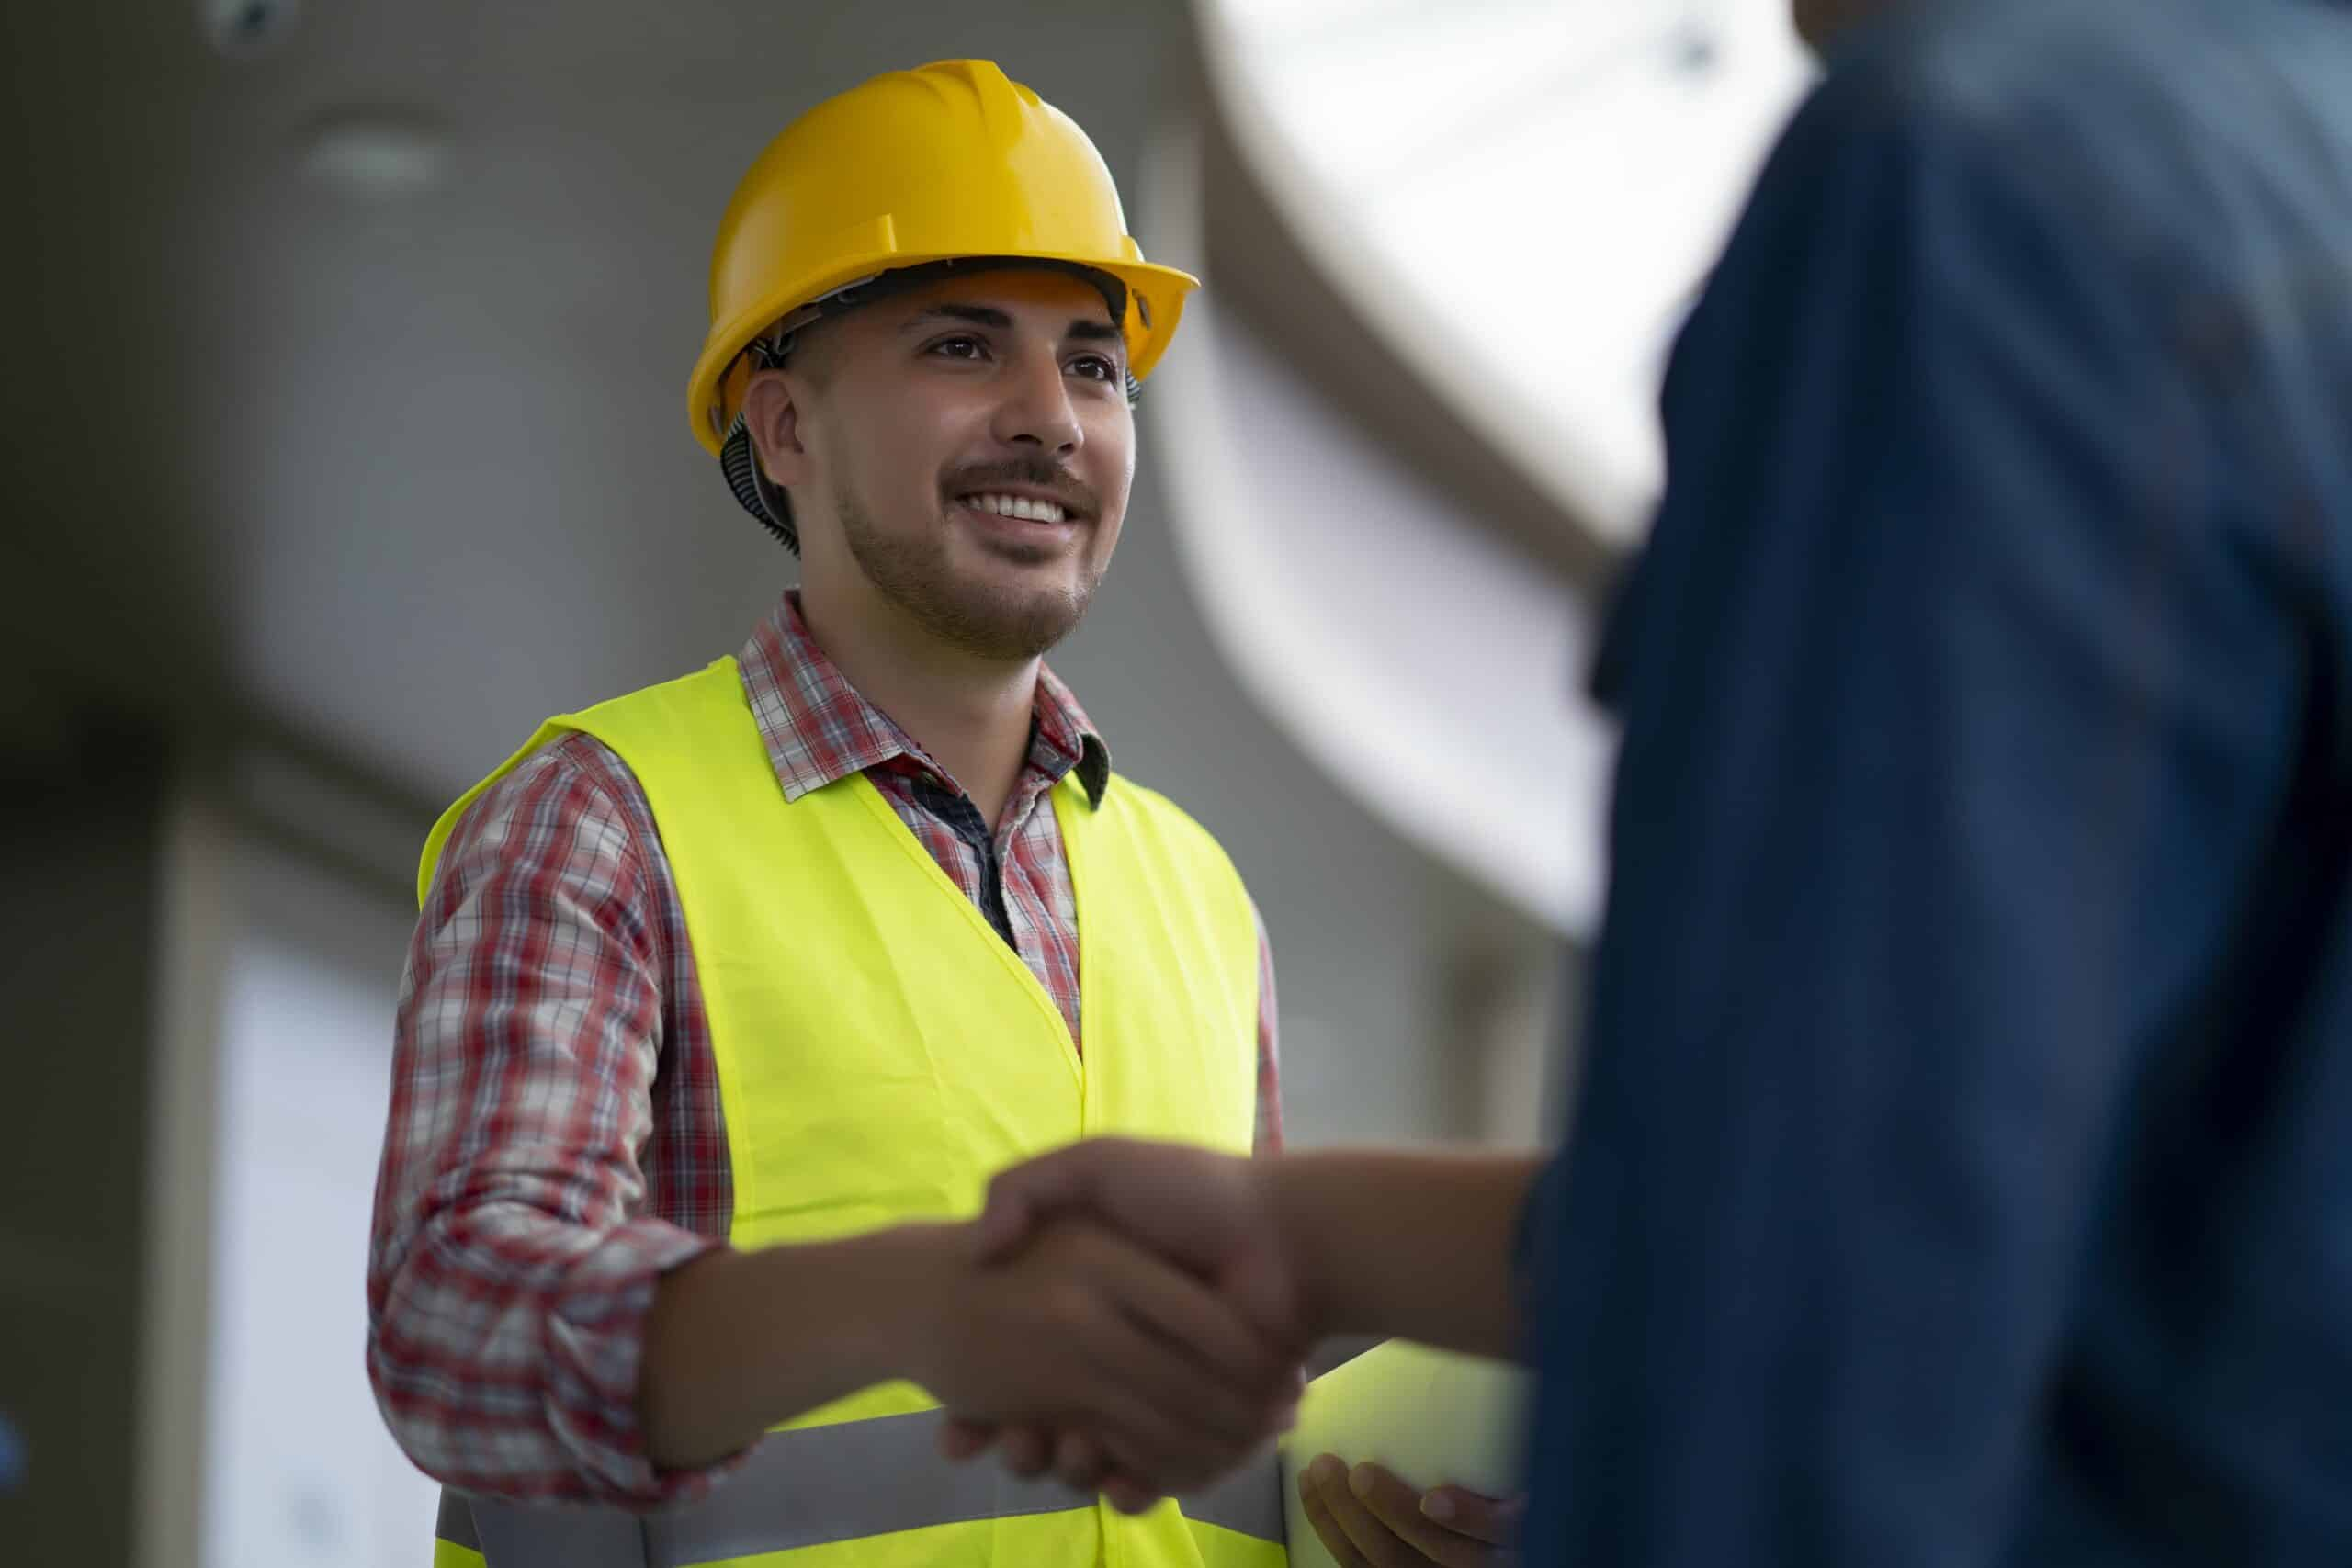 Engineer meeting customer